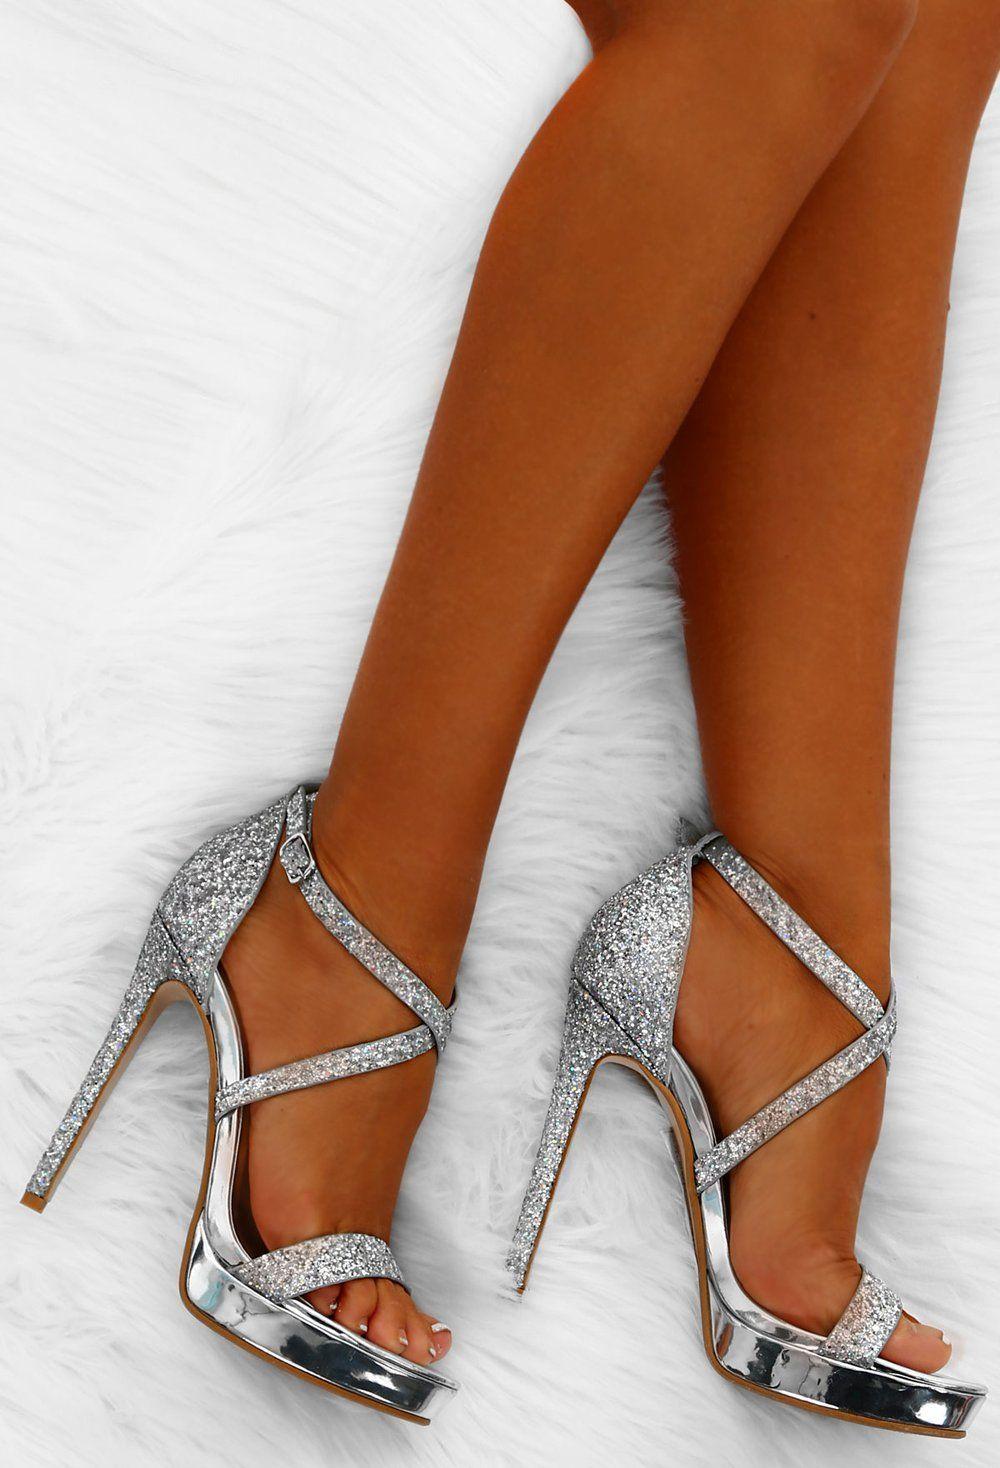 Party Queen Silver Glitter Platform Heels Shoes Heels Prom Prom Shoes Silver Silver Platform Heels [ 1468 x 1000 Pixel ]